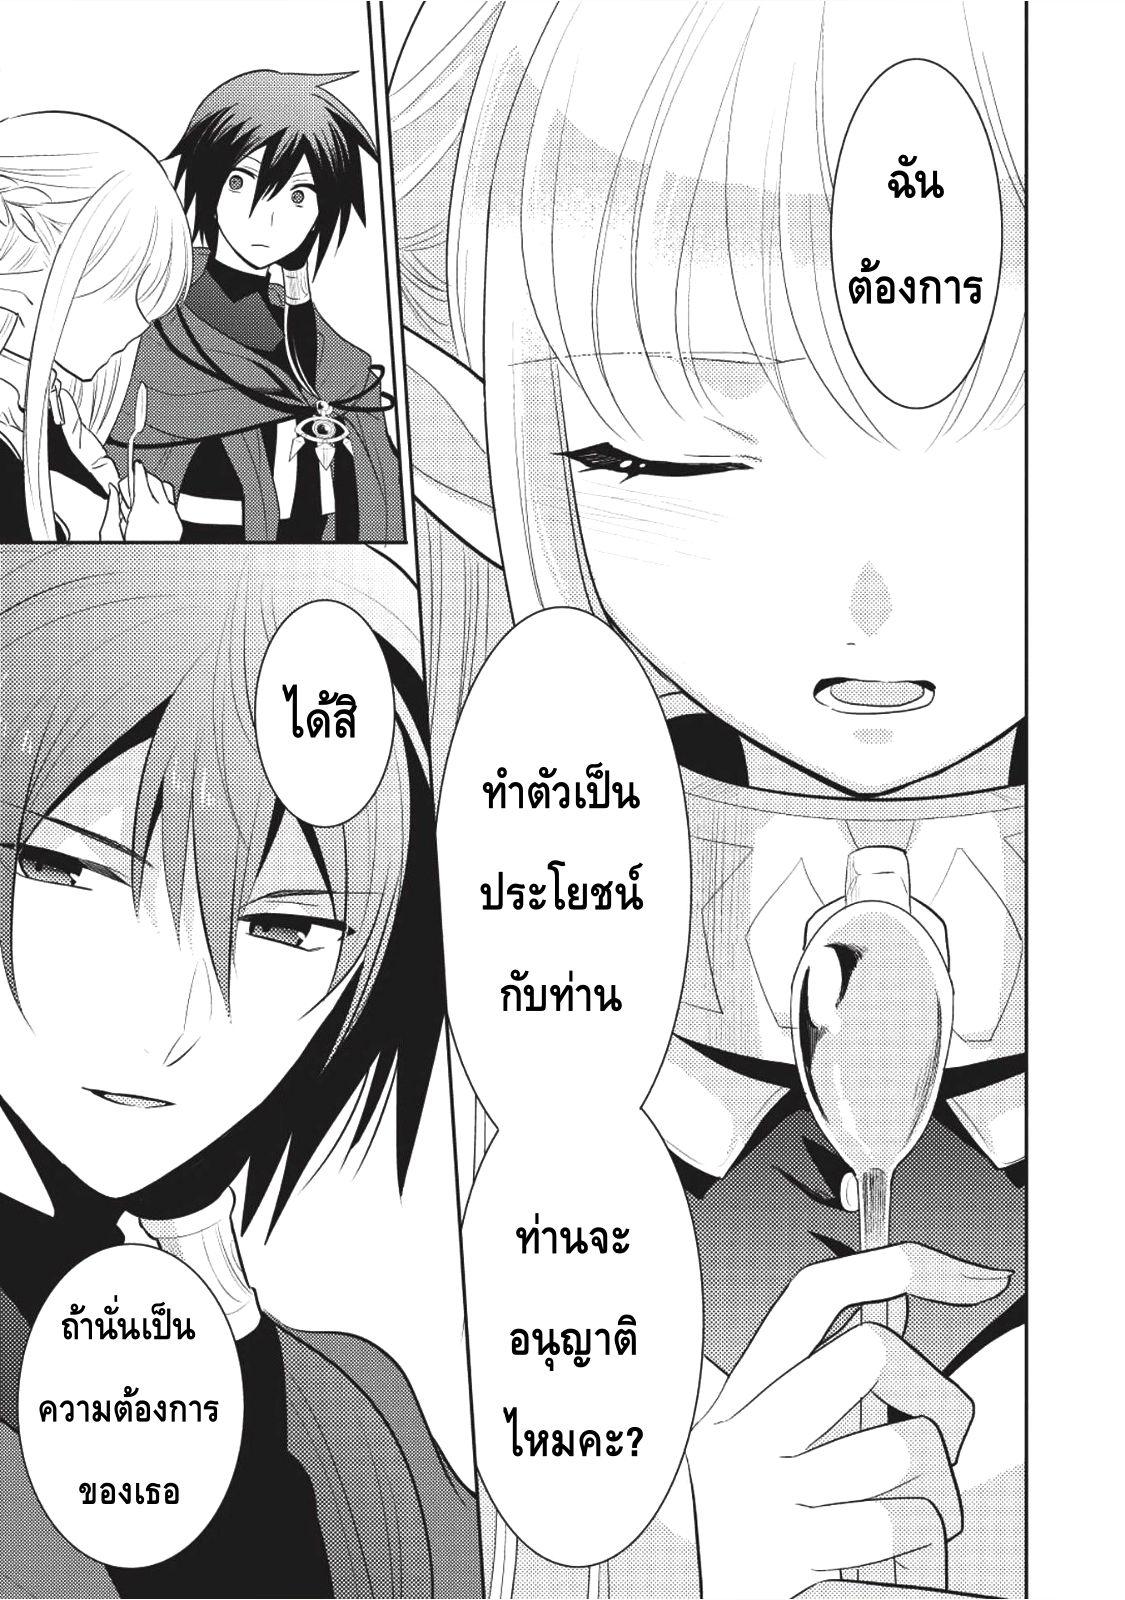 อ่านการ์ตูน Maou no Ore ga Dorei Elf wo Yome ni Shitanda ga Dou Medereba Ii ตอนที่ 4 หน้าที่ 29